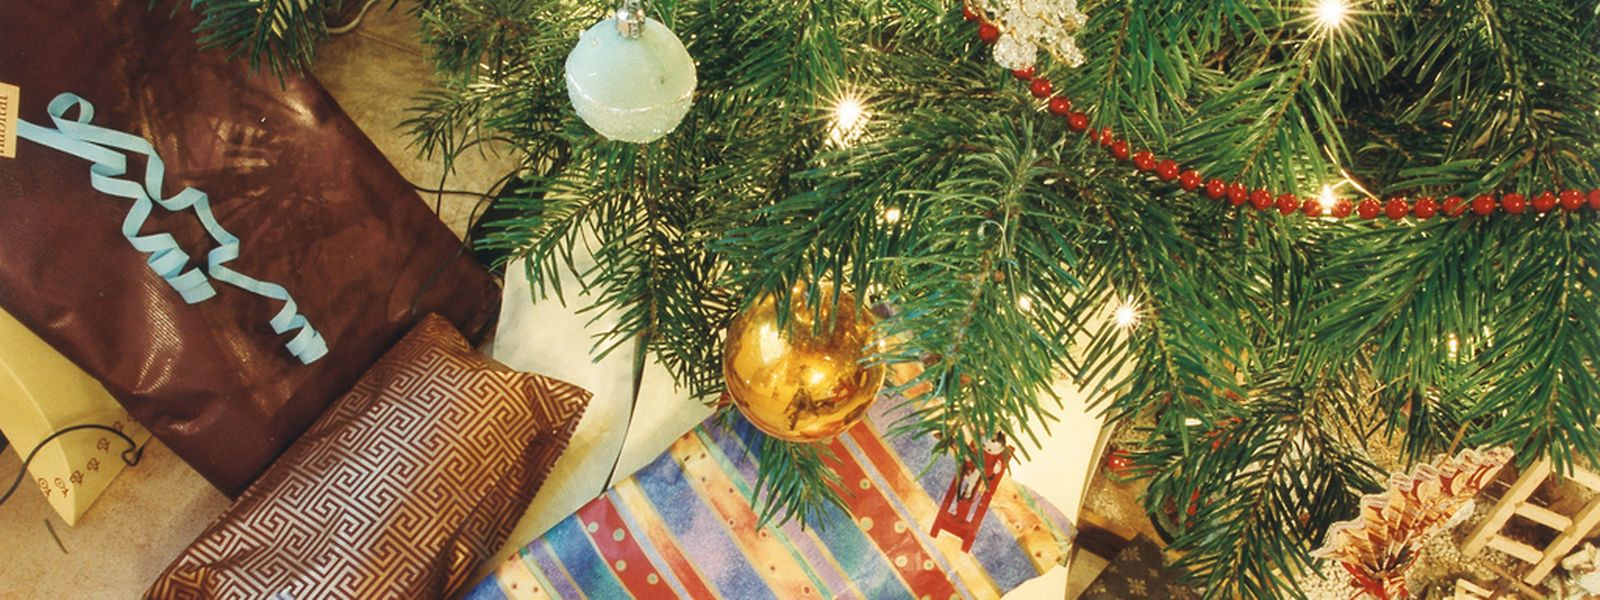 Weihnachtsdeko kann man leicht selber basteln.